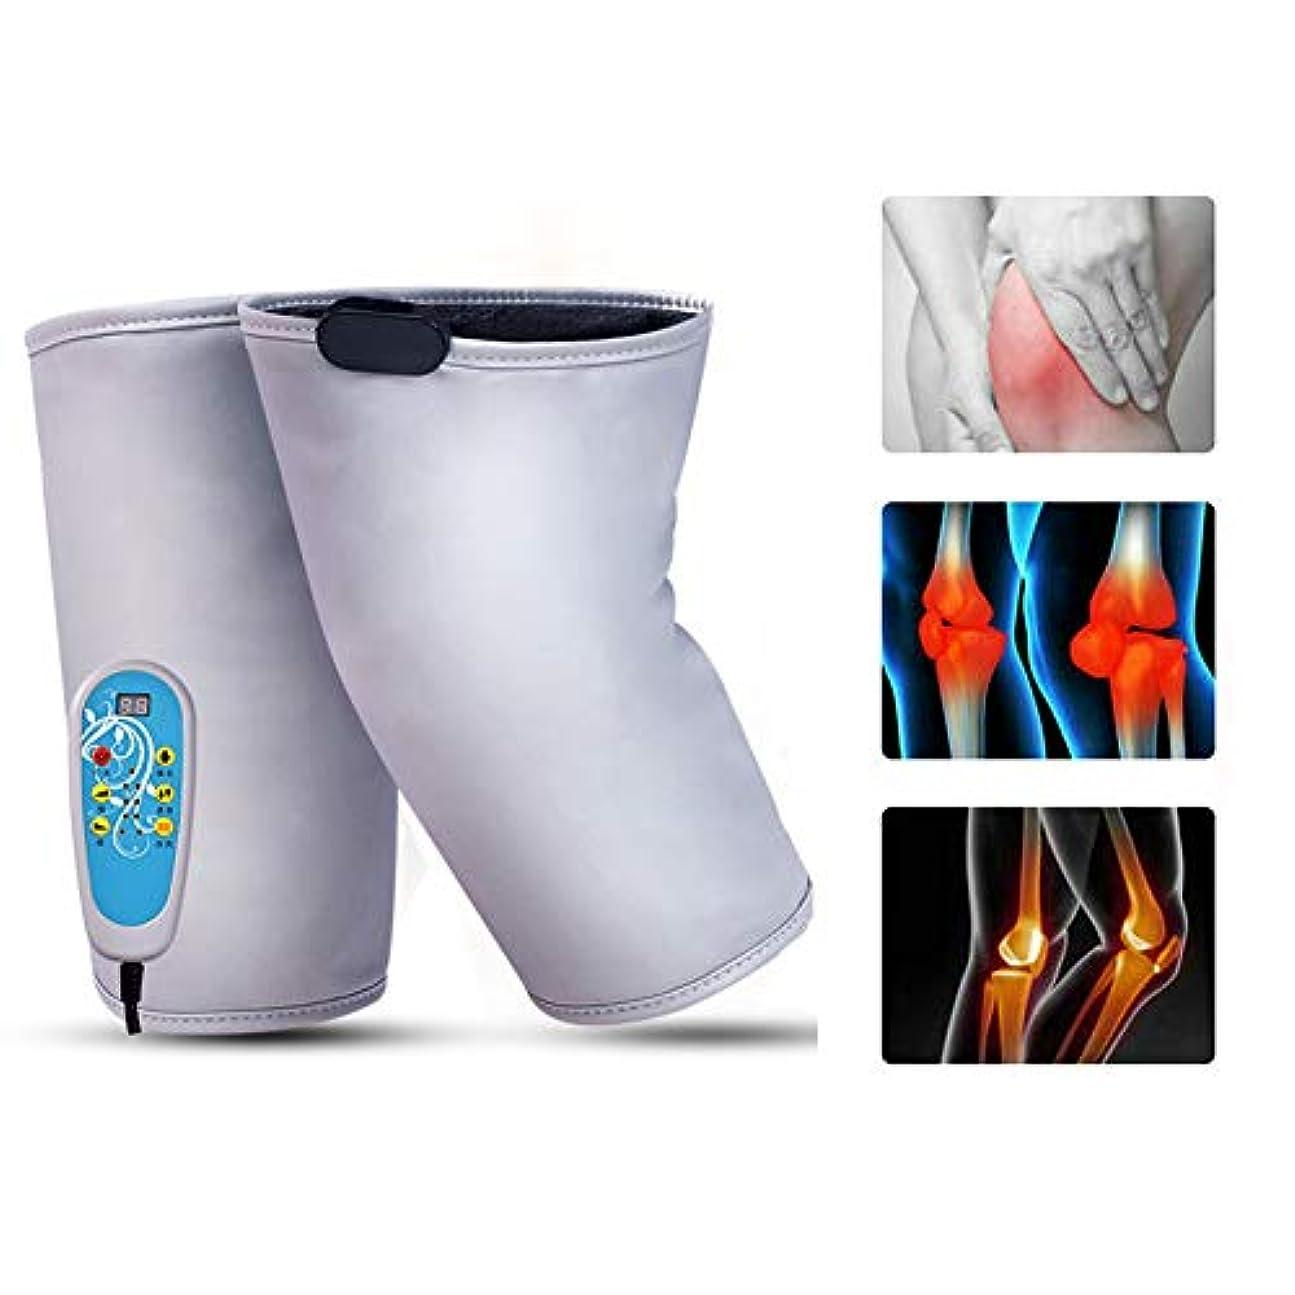 厚さ切るハイライト暖房膝装具サポート1対加熱膝パッドウォームラップ - 膝のけが、痛みを軽減するための9マッサージモードのセラピーマッサージャー